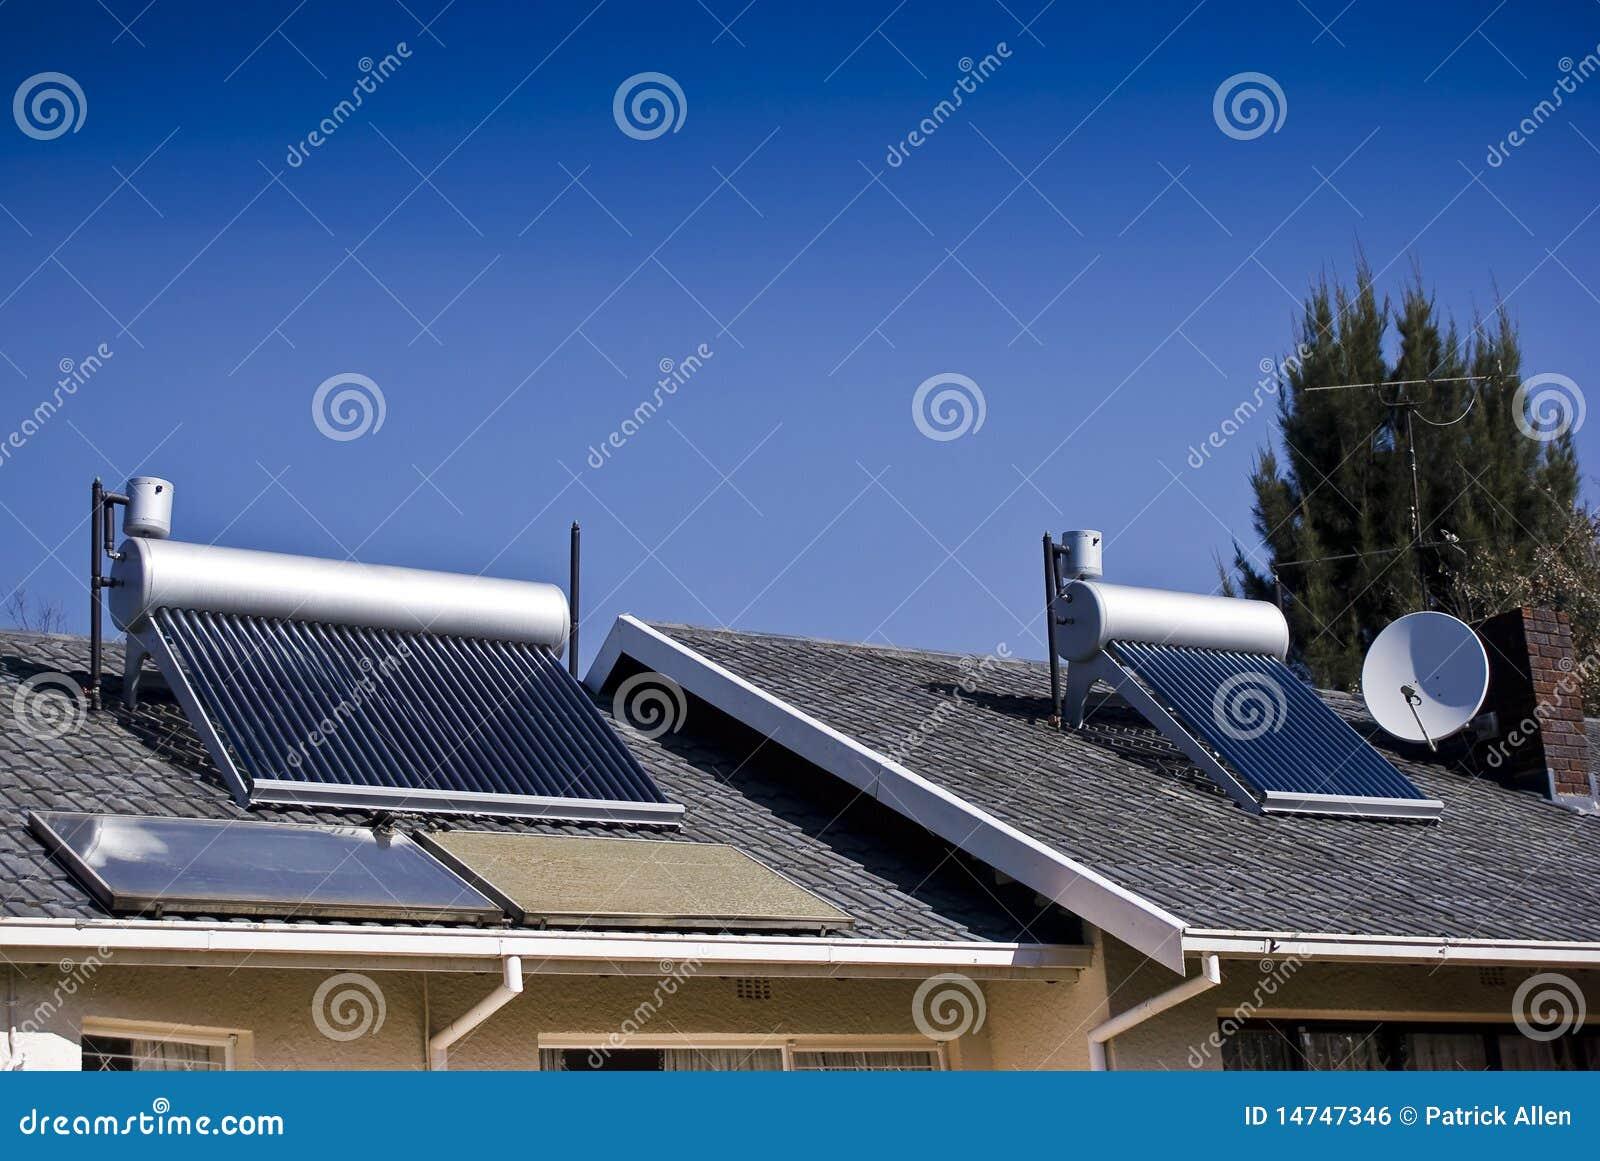 Calefator de água solar - câmaras de ar de vidro evacuadas